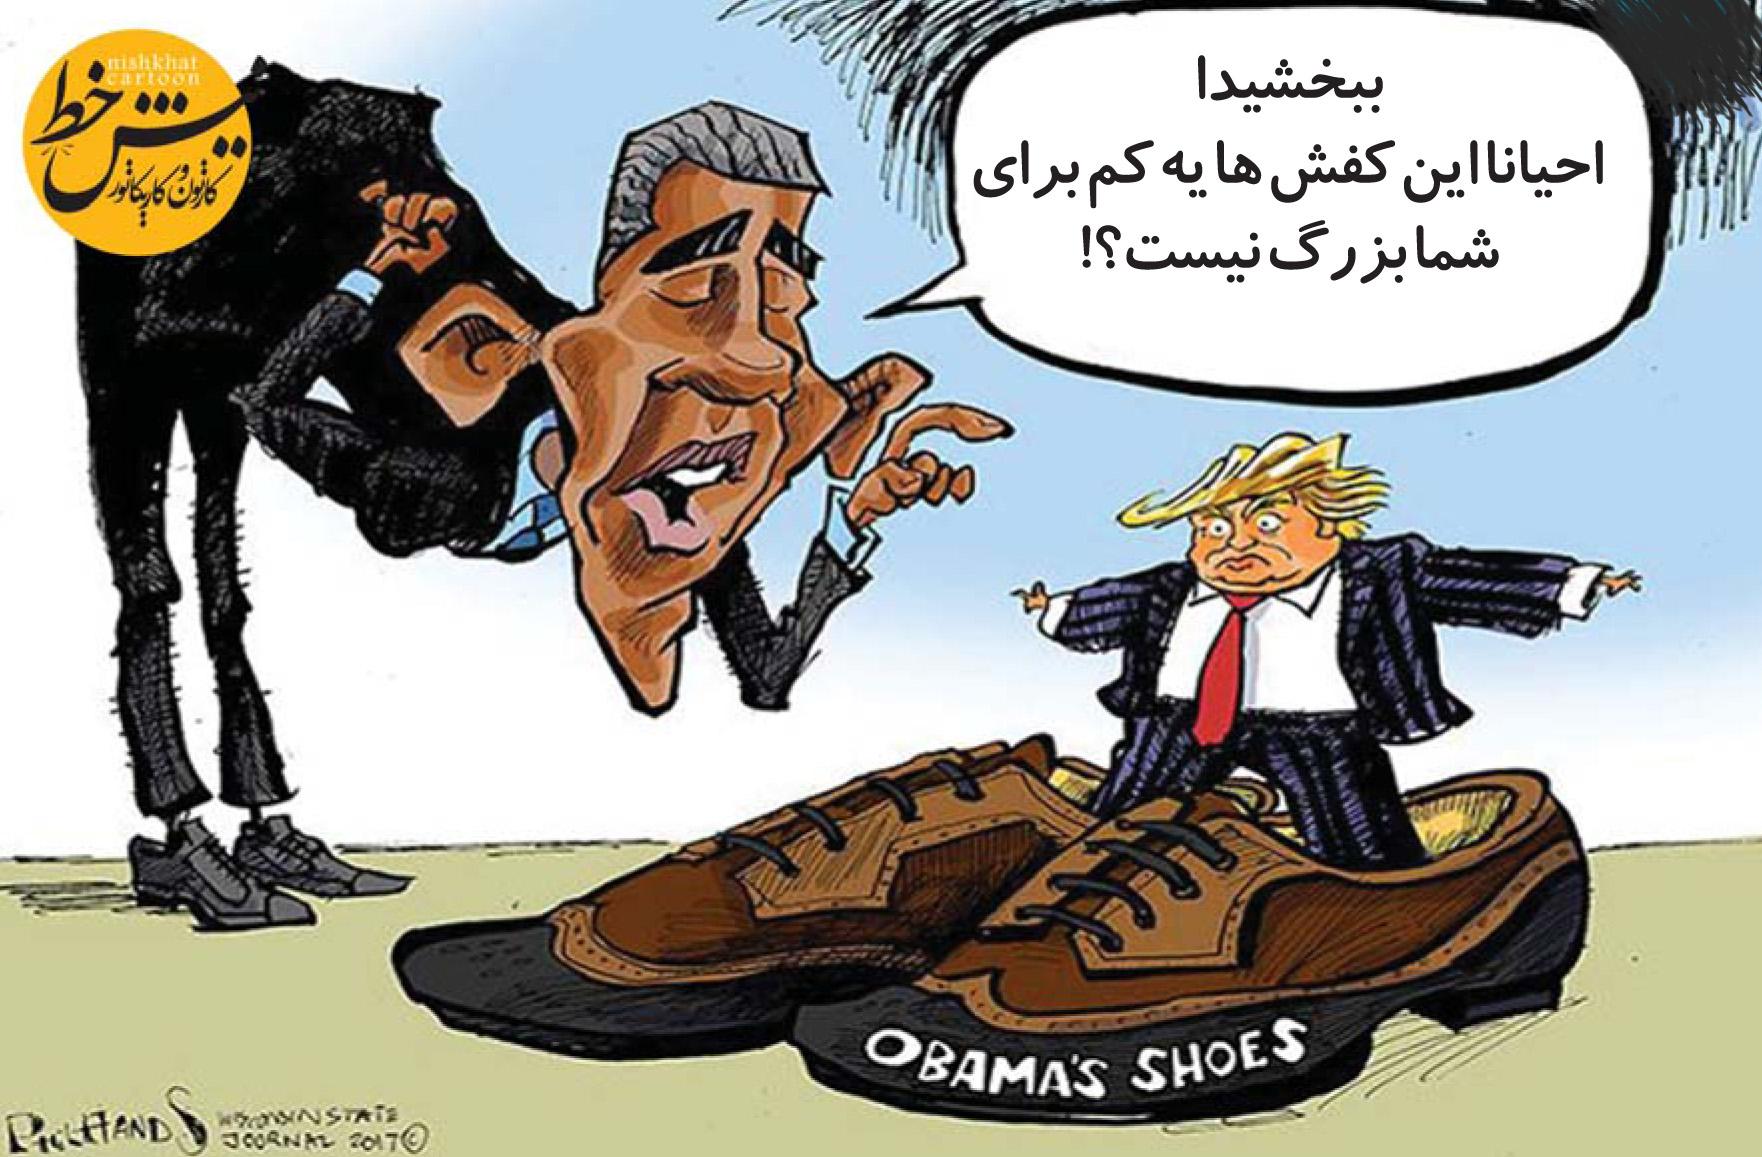 نیشخط کارتون/ وقتی ترامپ پا تو کفش اوباما می کند!